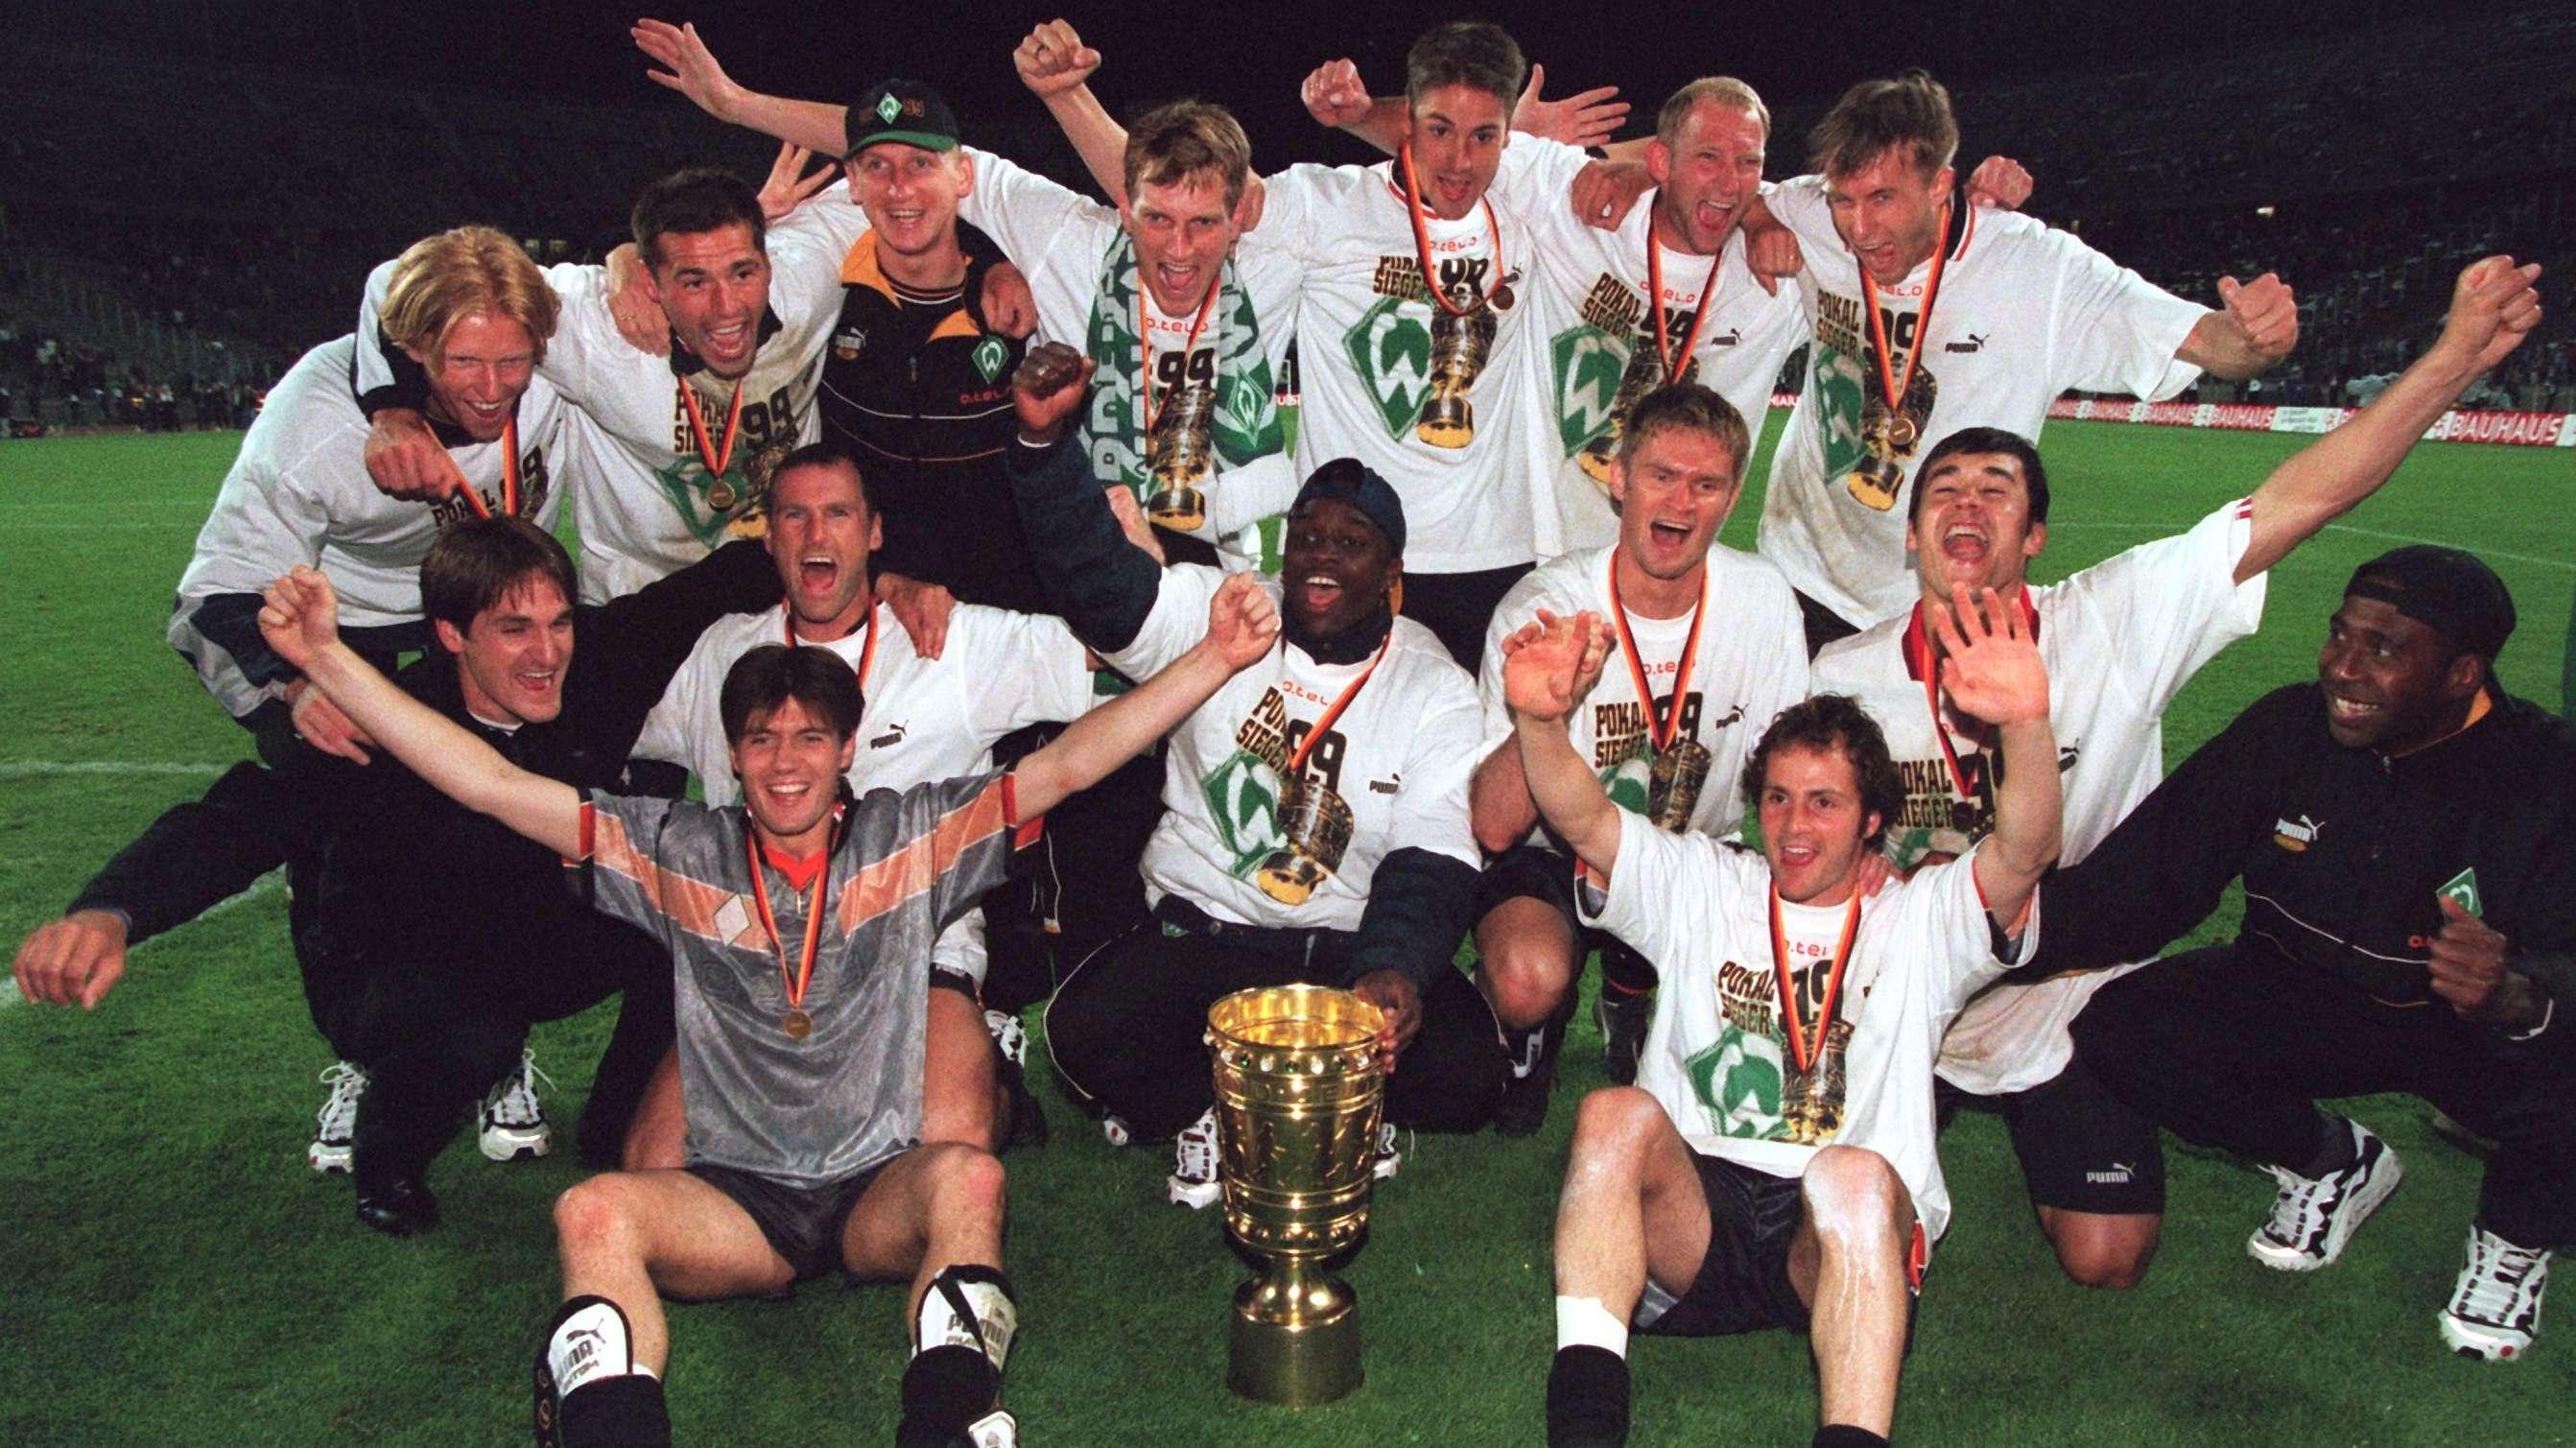 DFB-Pokalsieger 1999 Werder Bremen